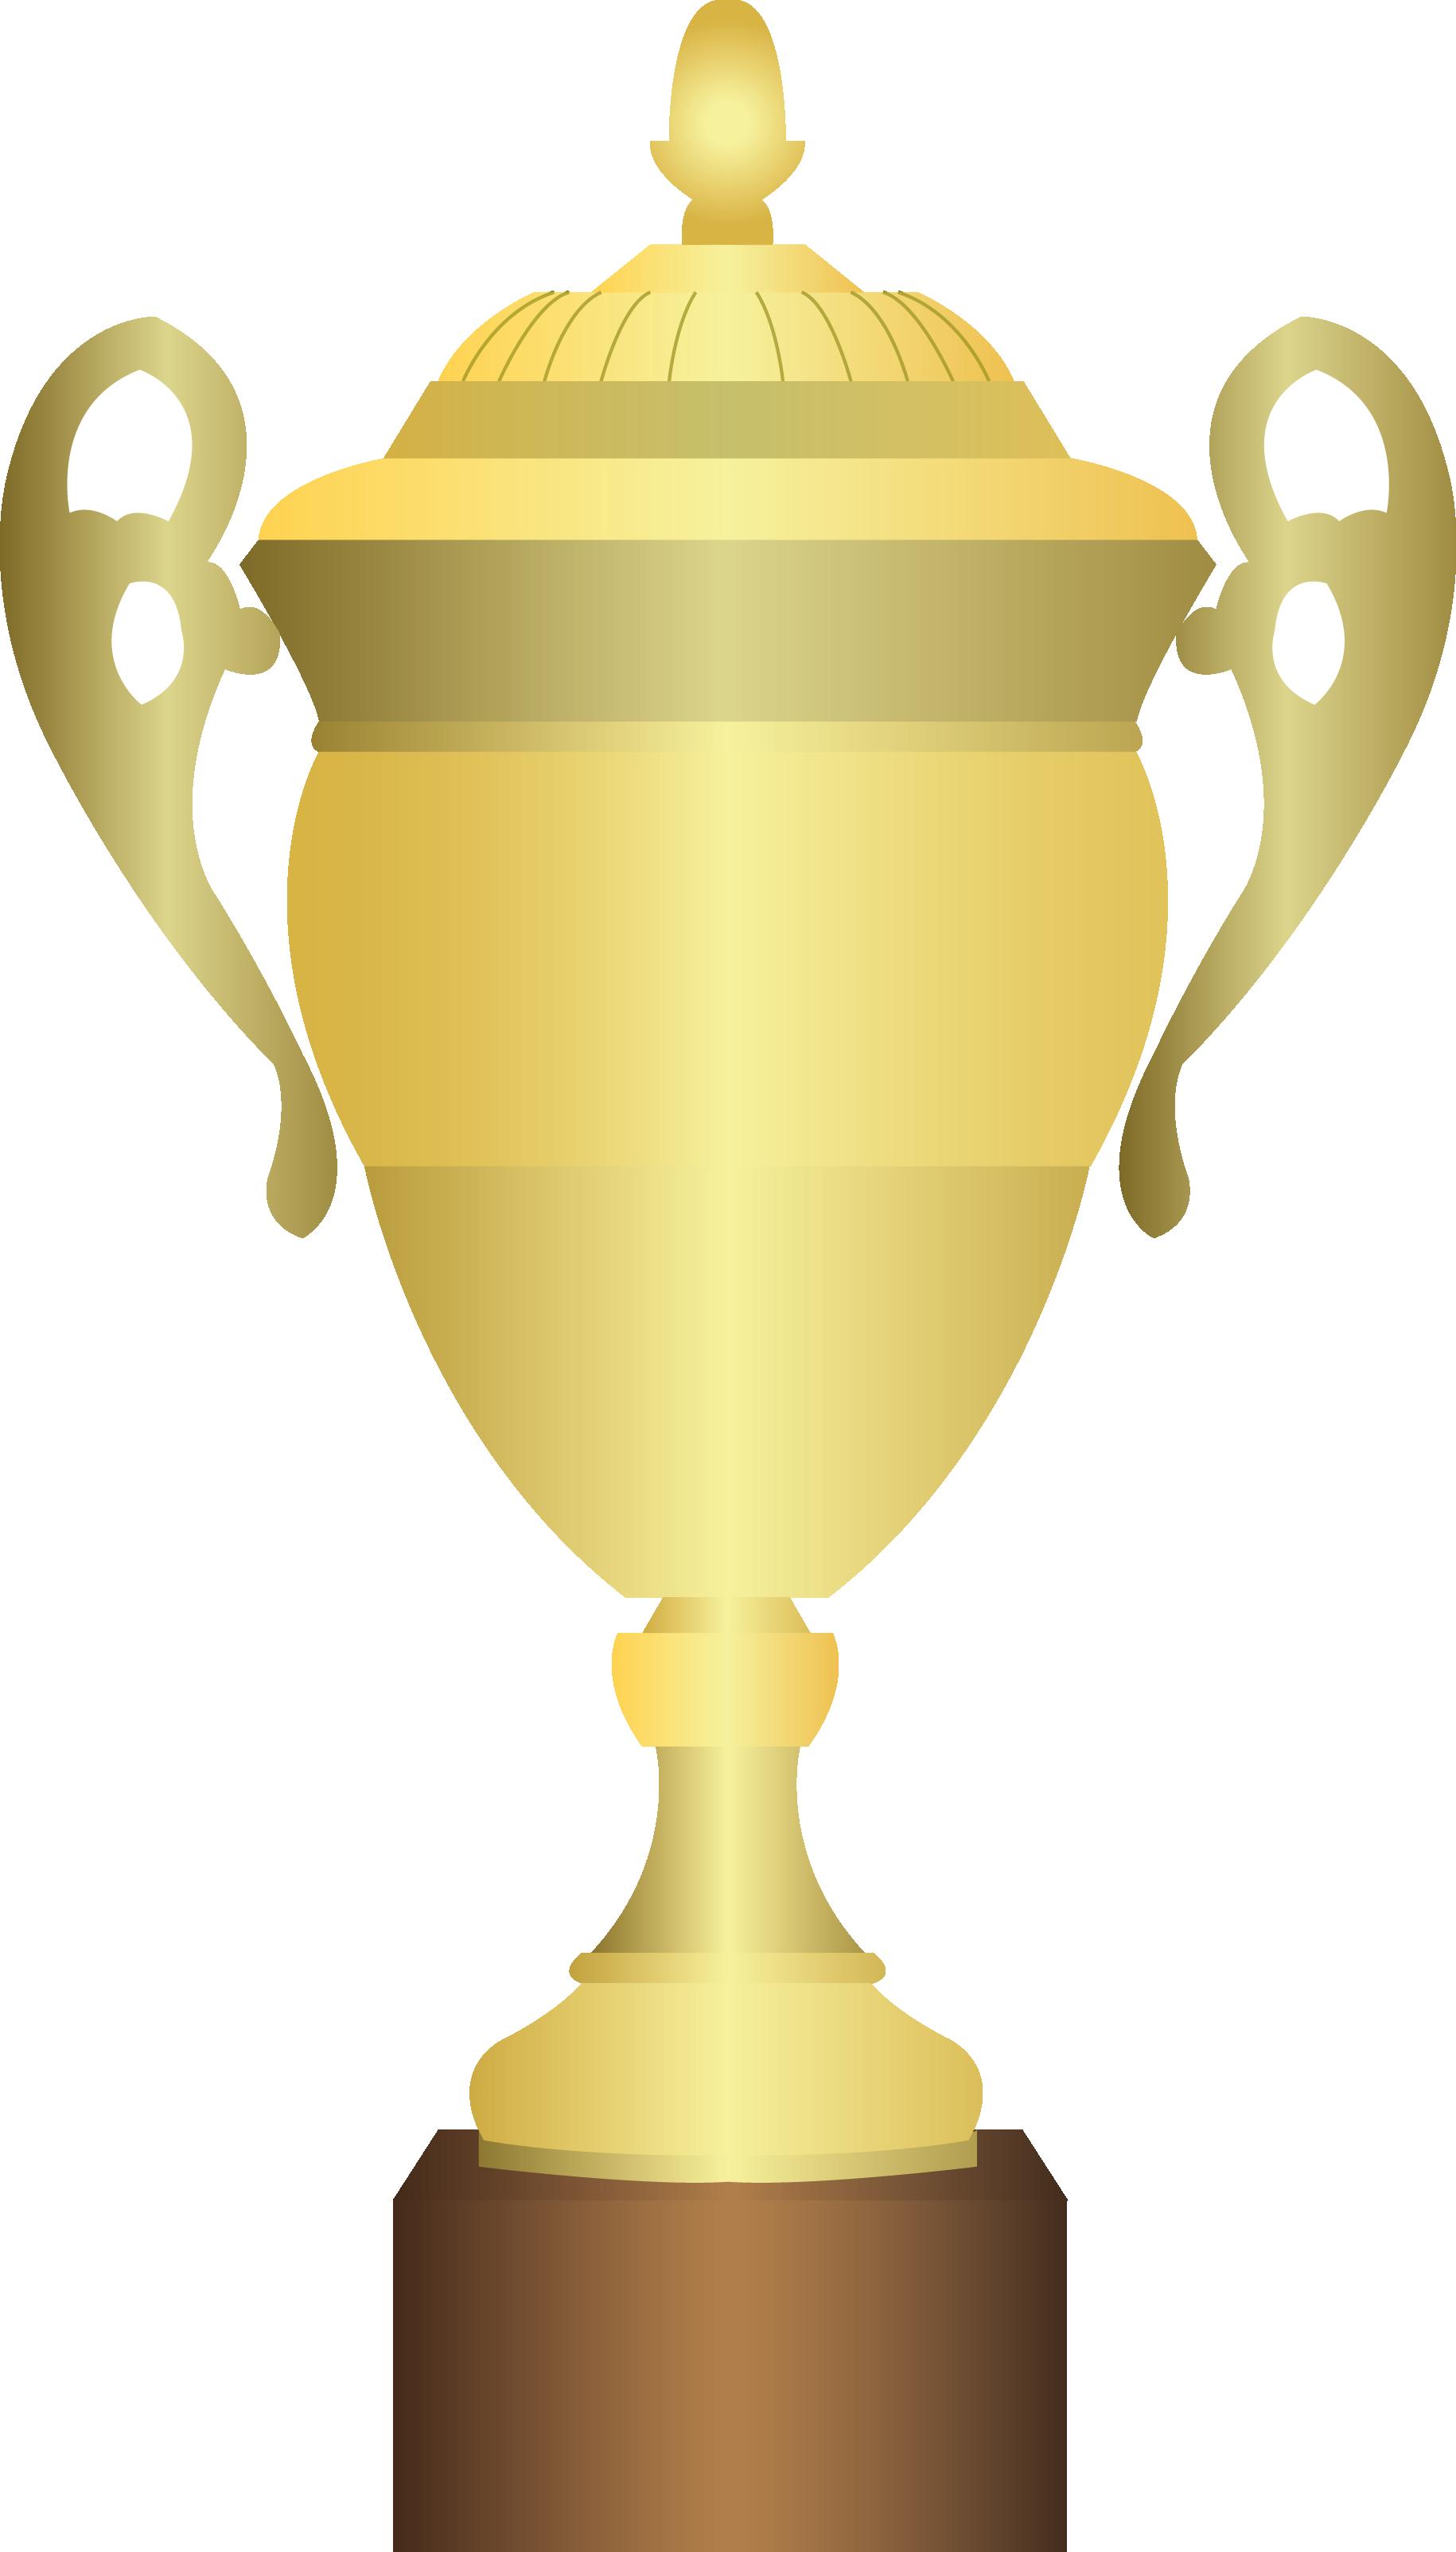 FileCosta Rican Primera Division Trophy 2009 11